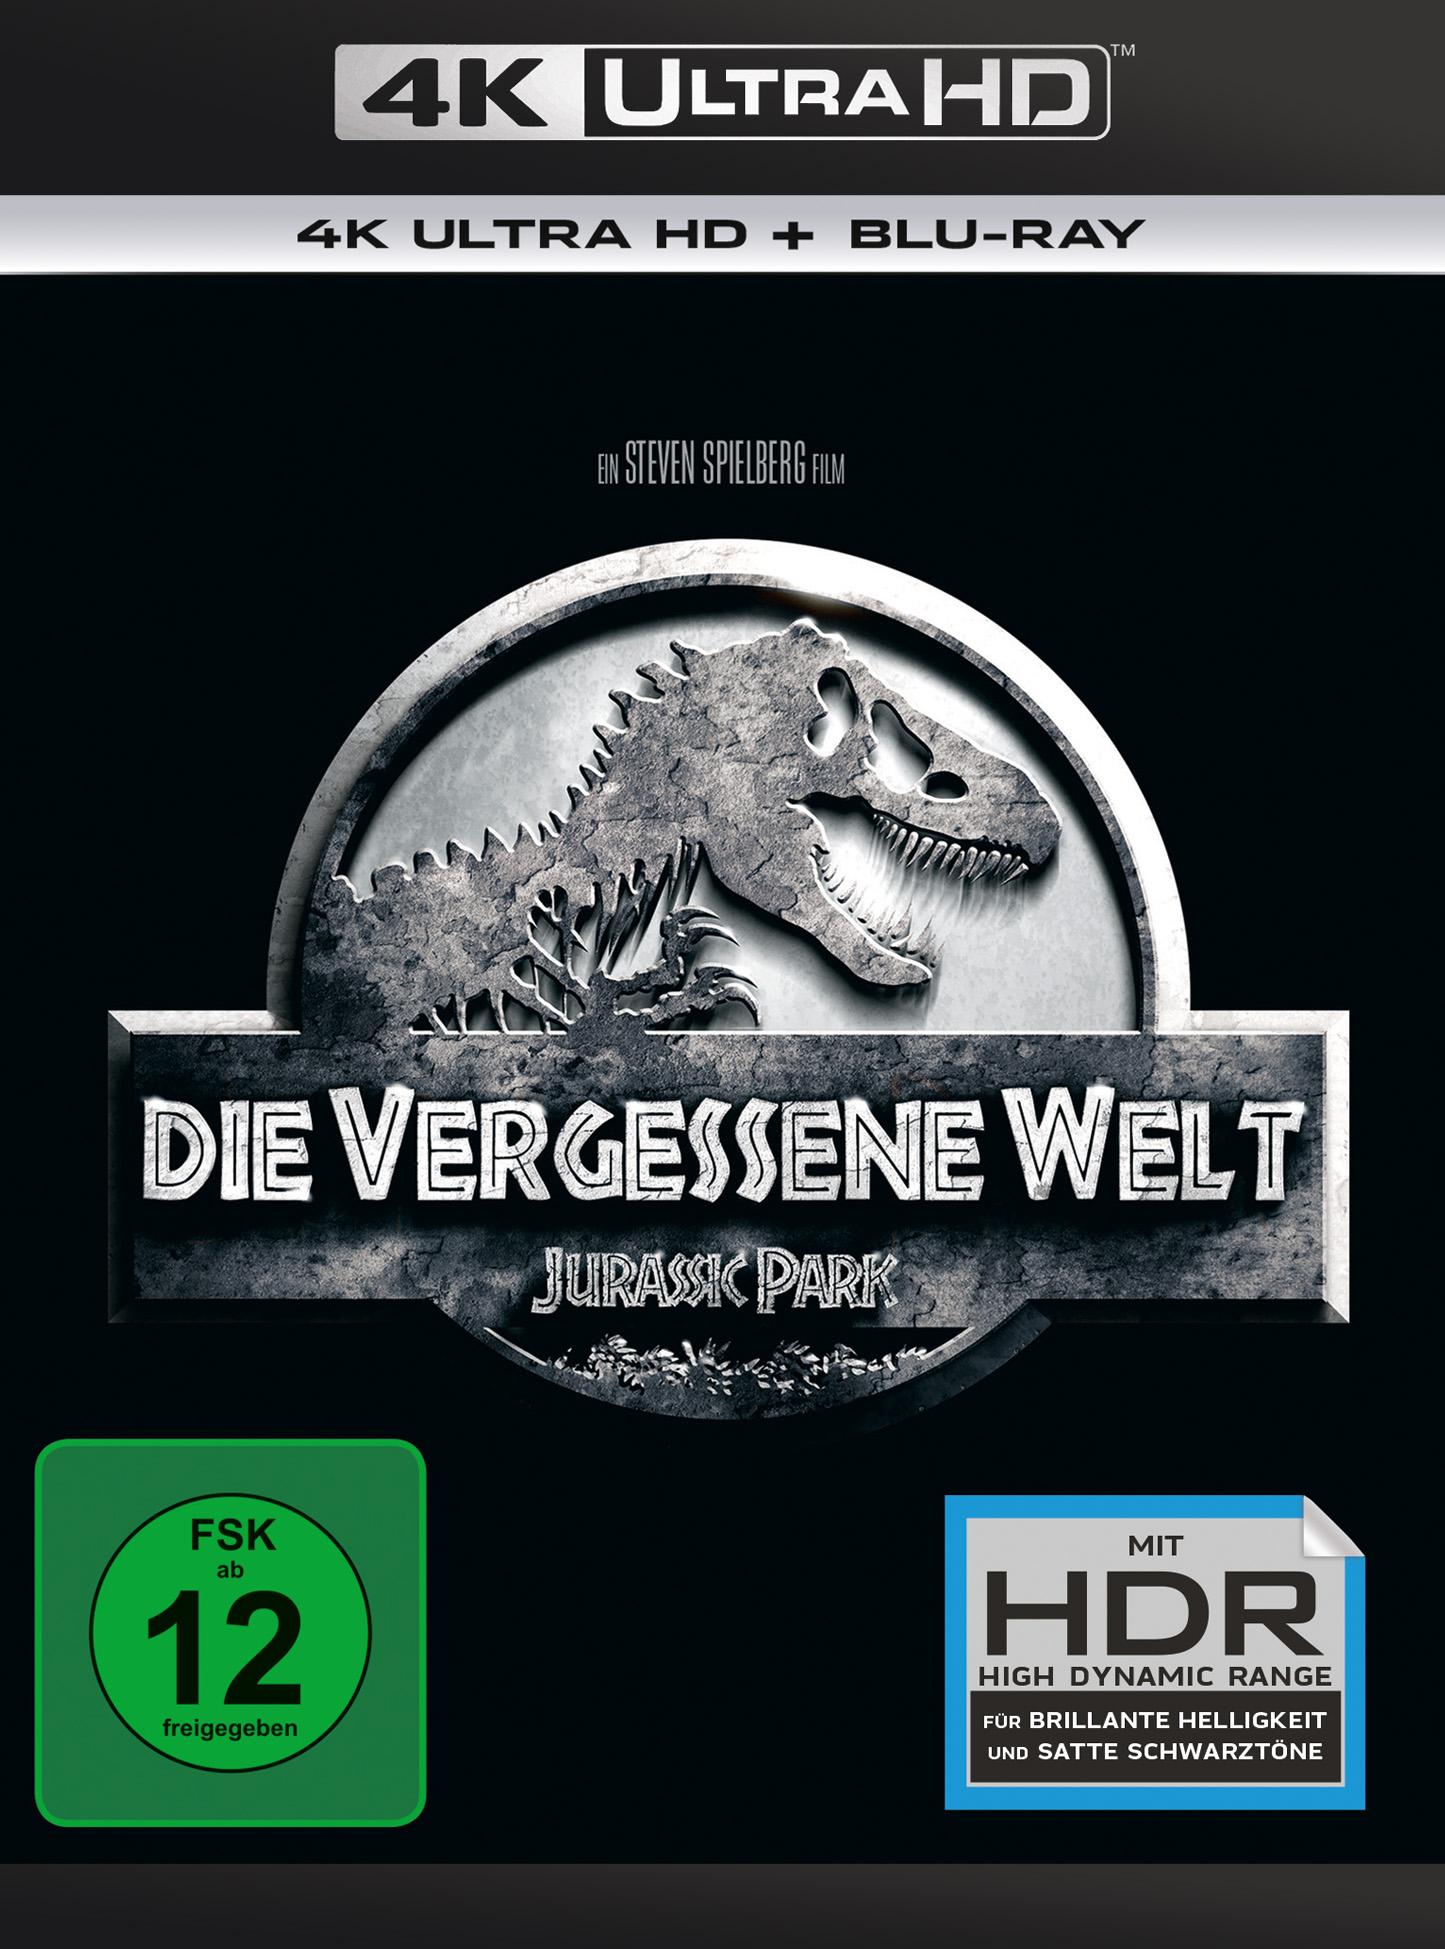 Jurassic Park 4K UHD Review - DoBlu.com